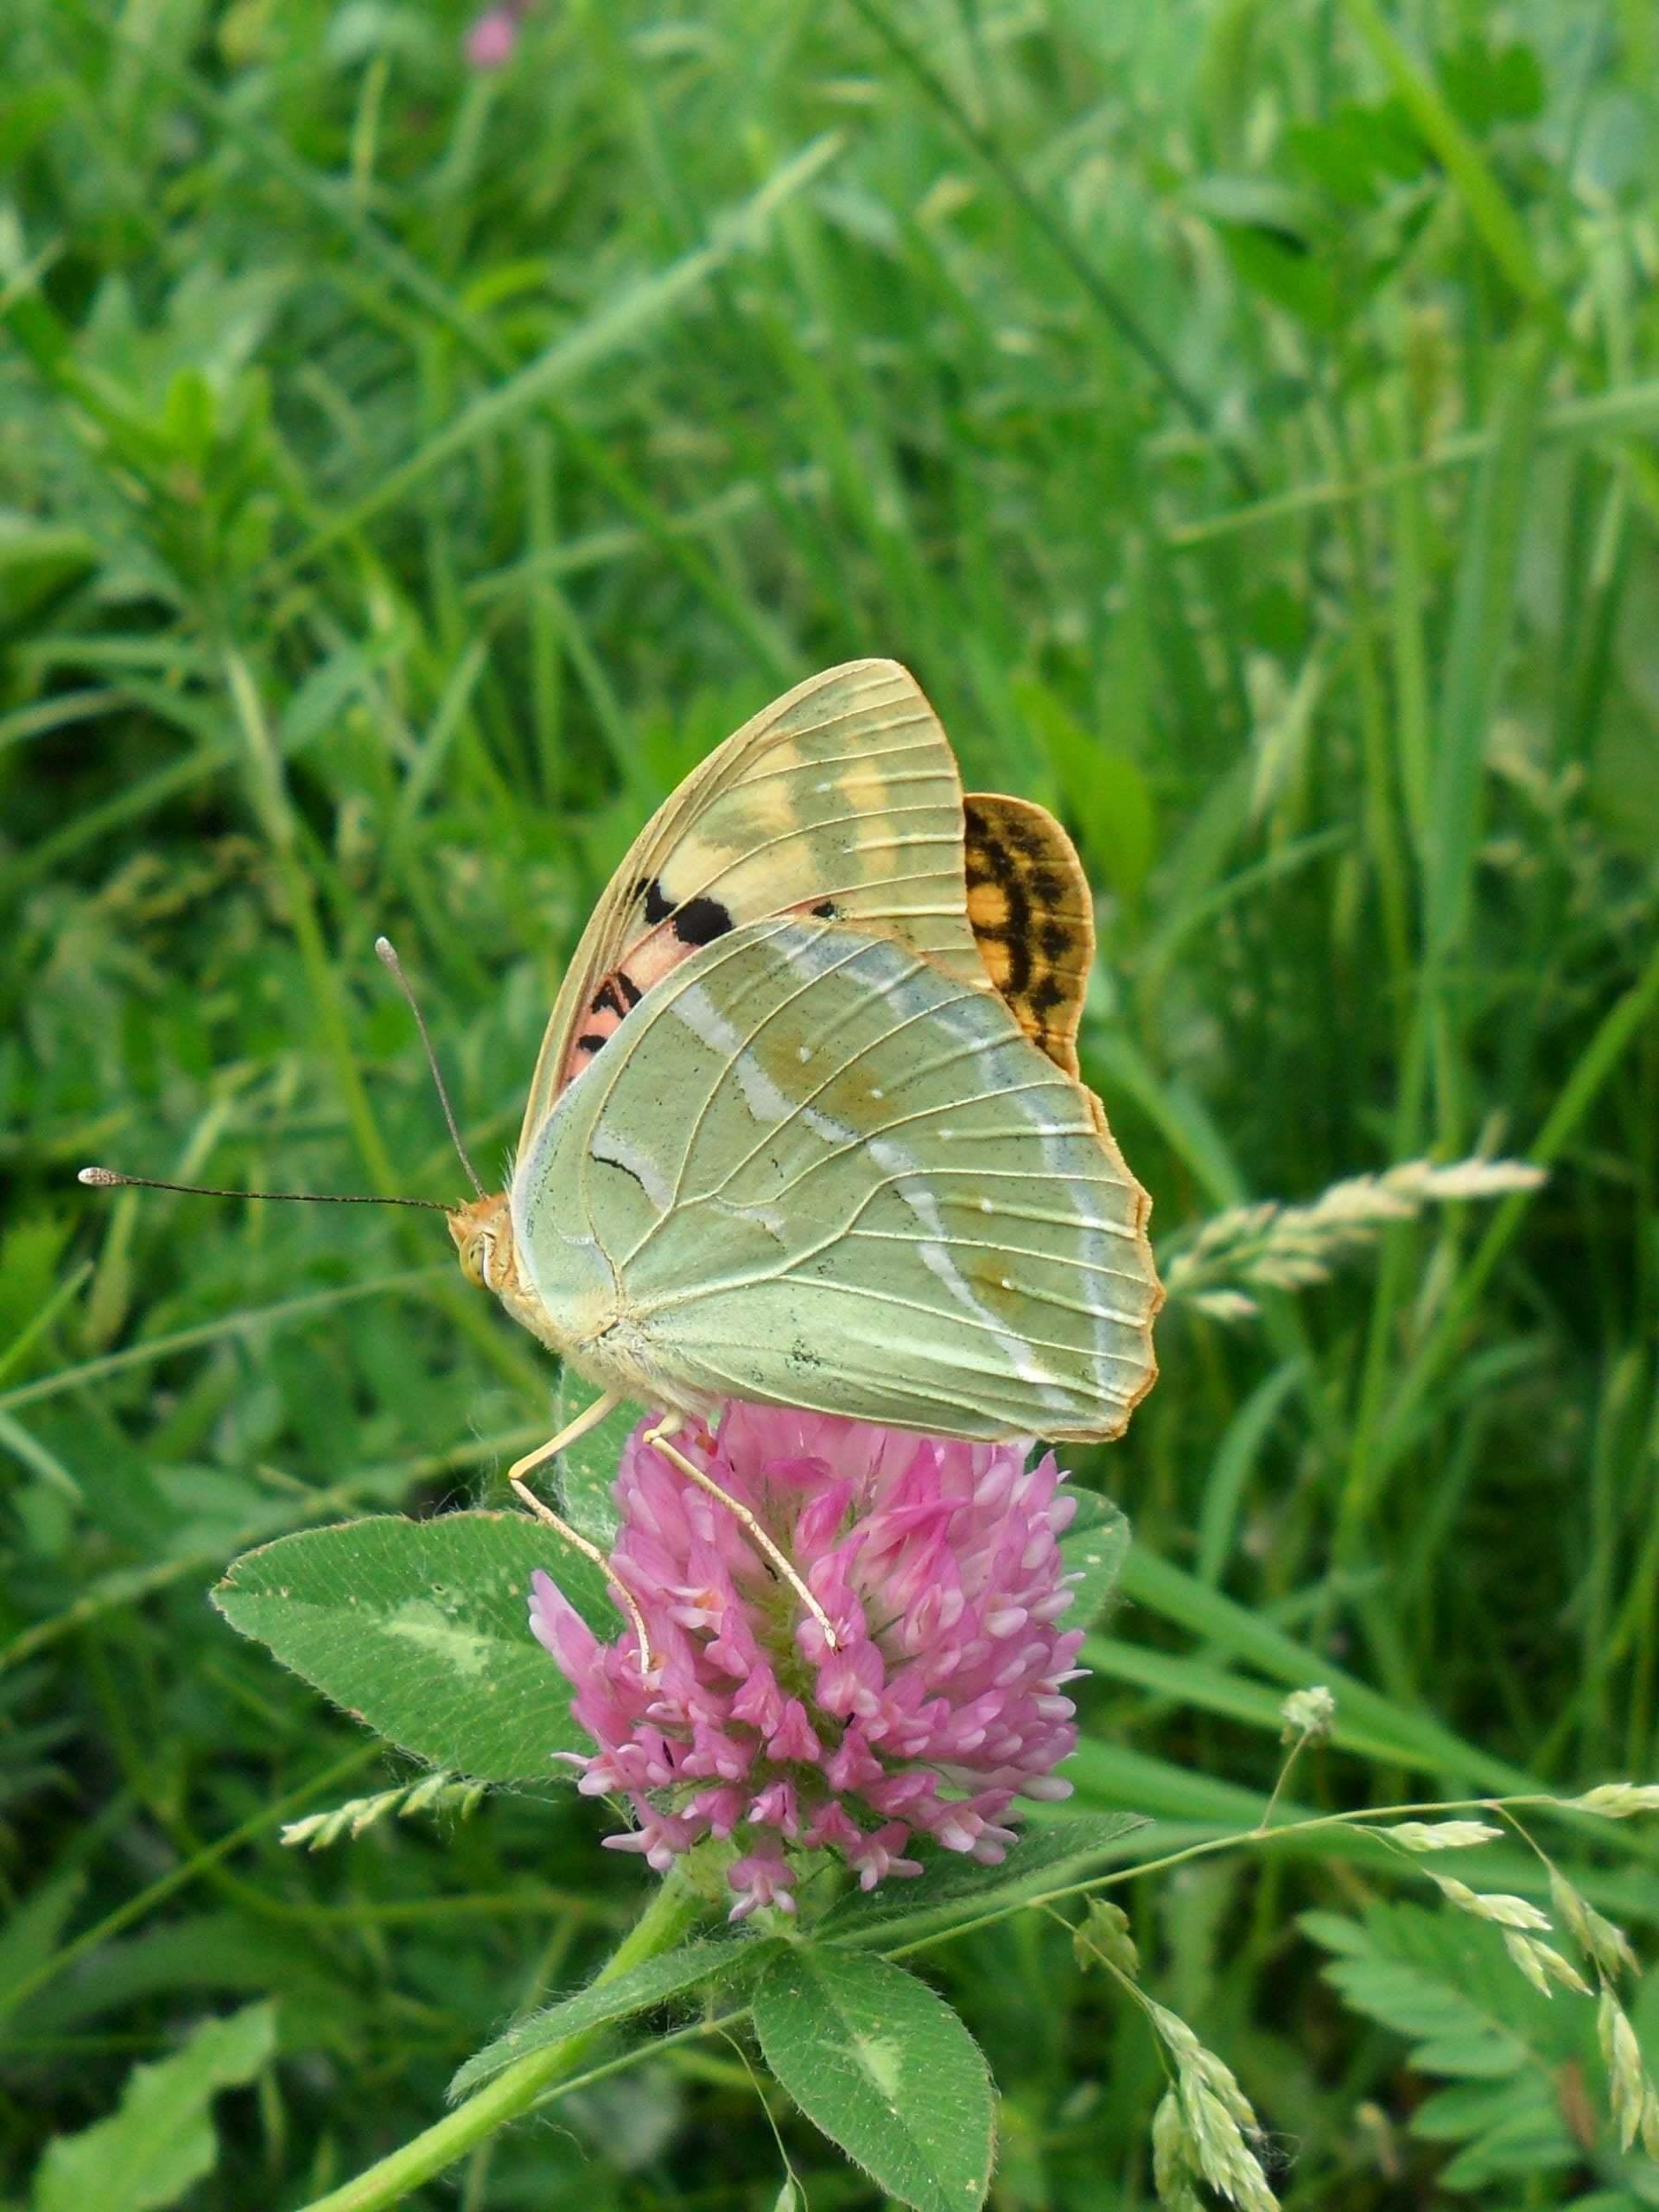 kelebek görüntüsü